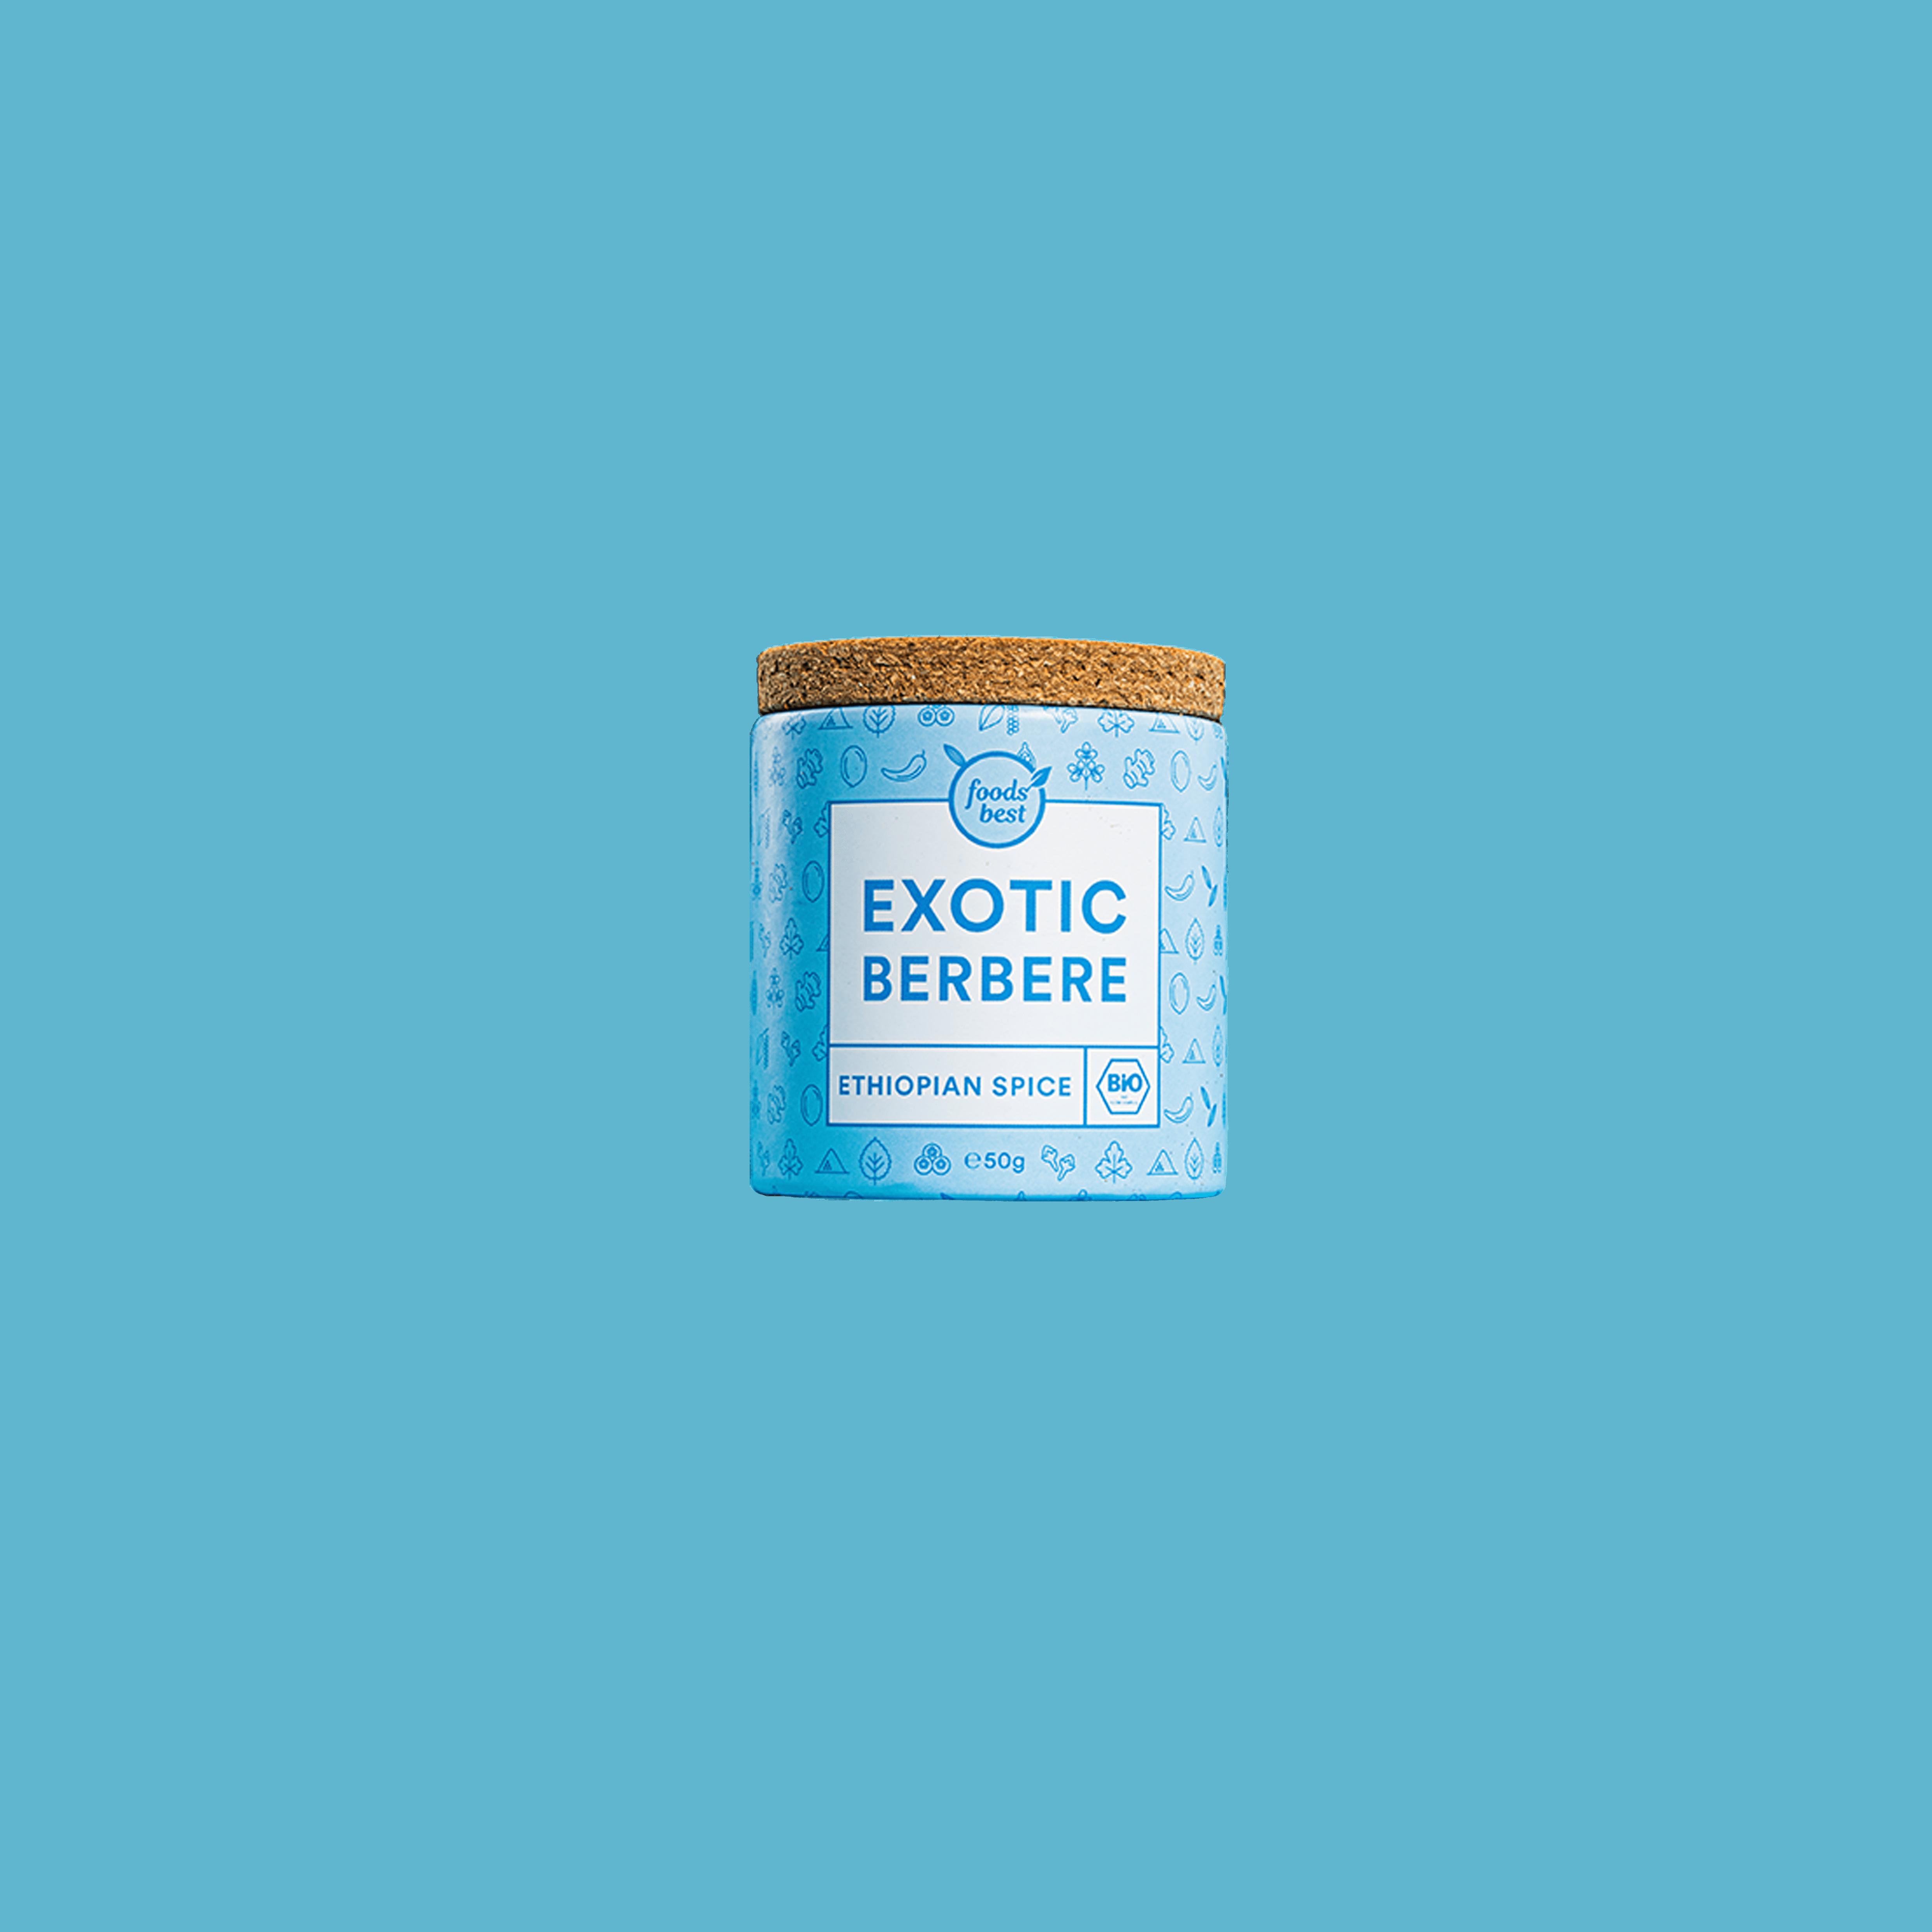 EXOTIC BERBERE